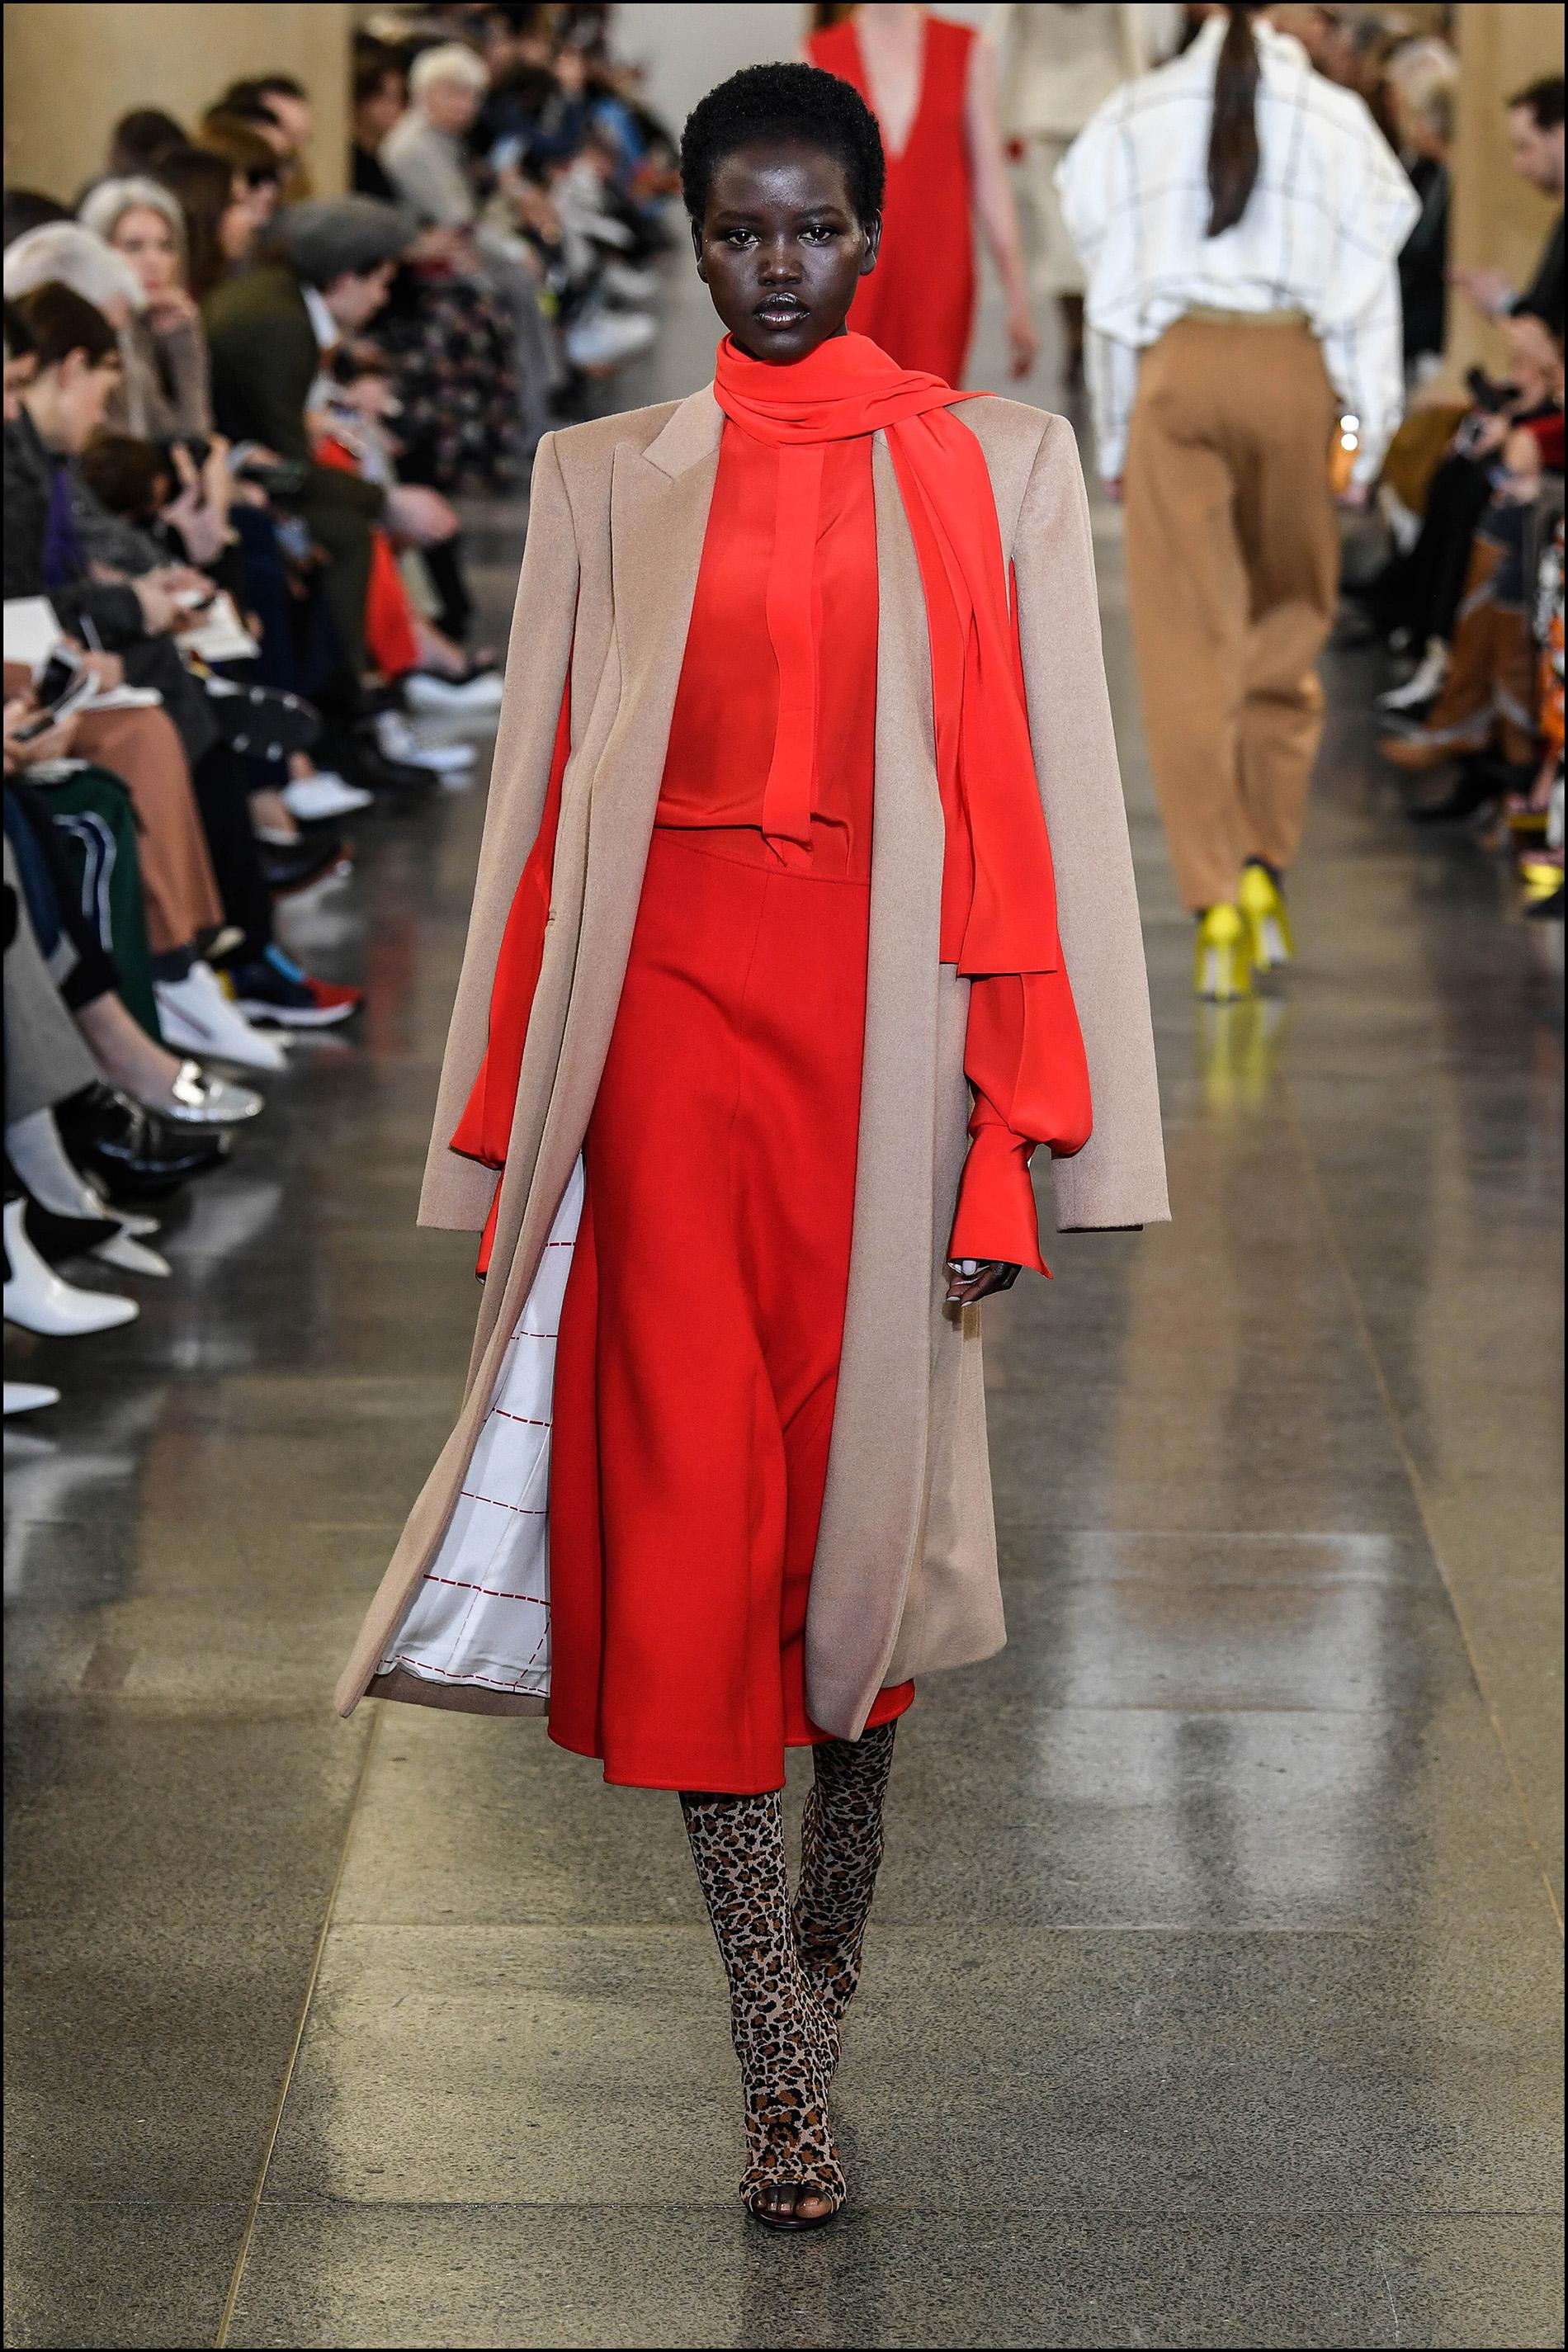 Faldas midi, blusas y tapados estilo capa.